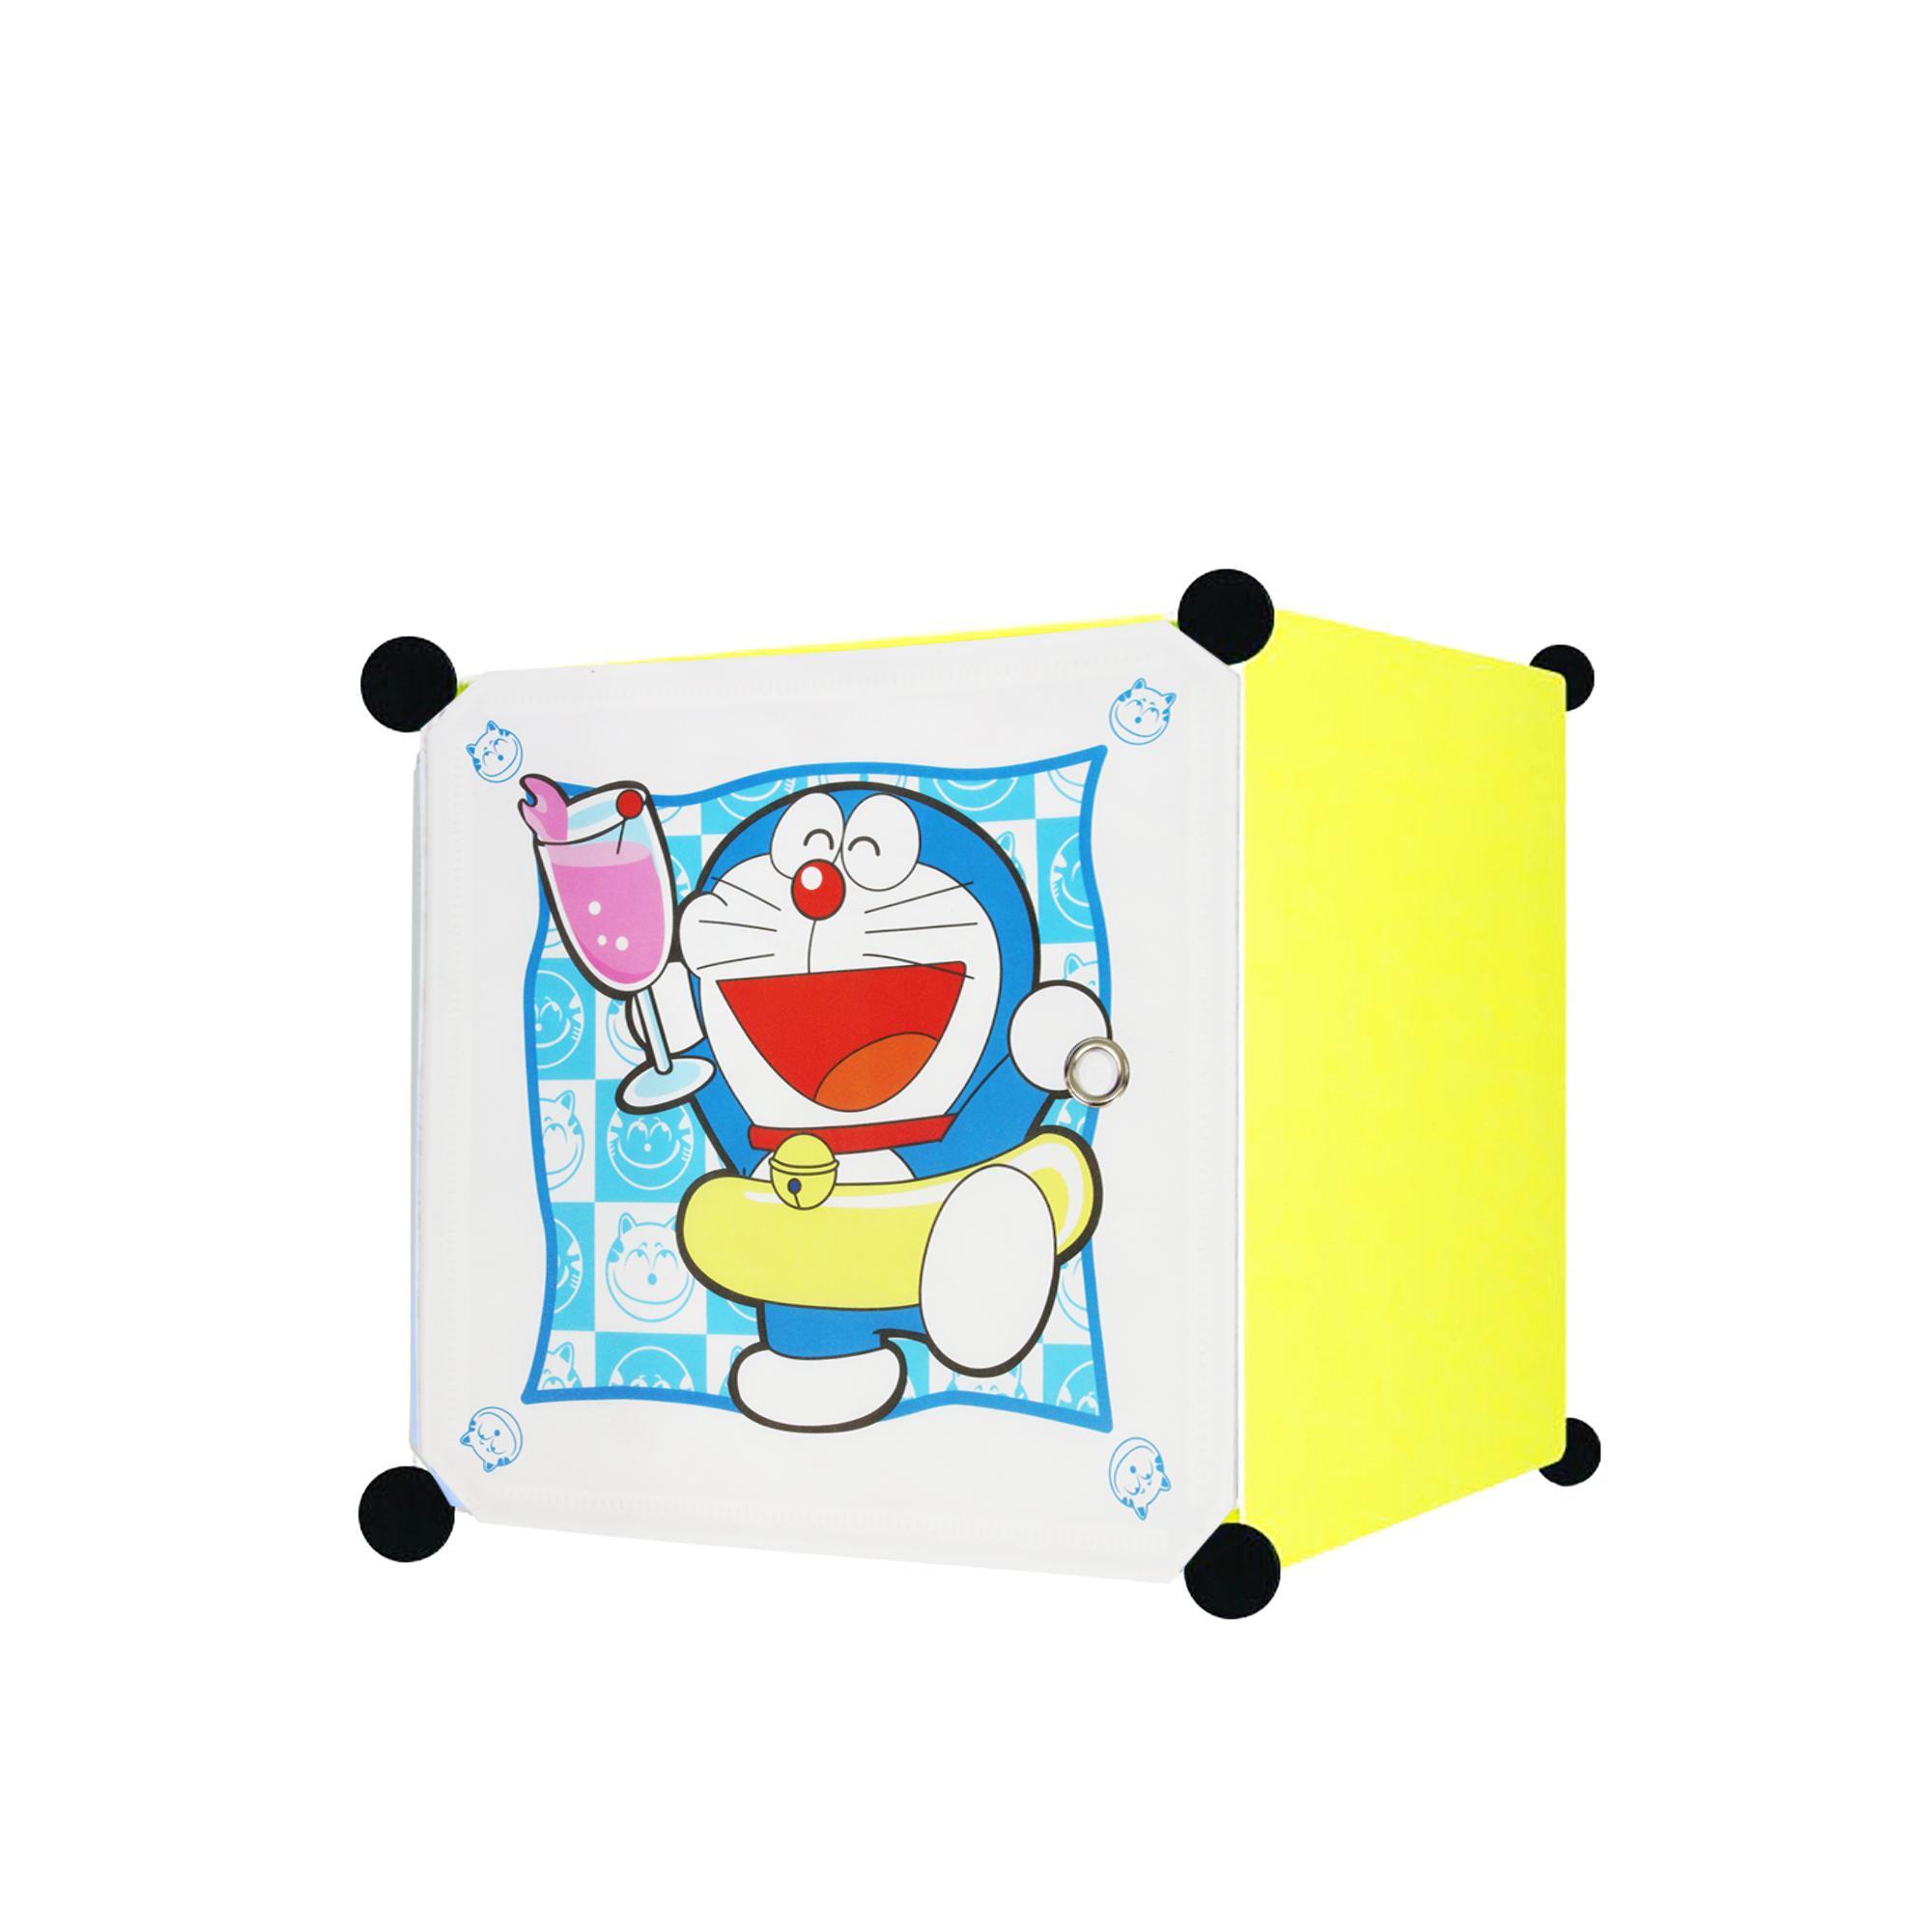 Lemari Rak Sepatu 8 Tingkat 7 Sekat 21 Pasang Motif Bunga Susun Angel Pakaian Doraemons 1 Pintu Lime